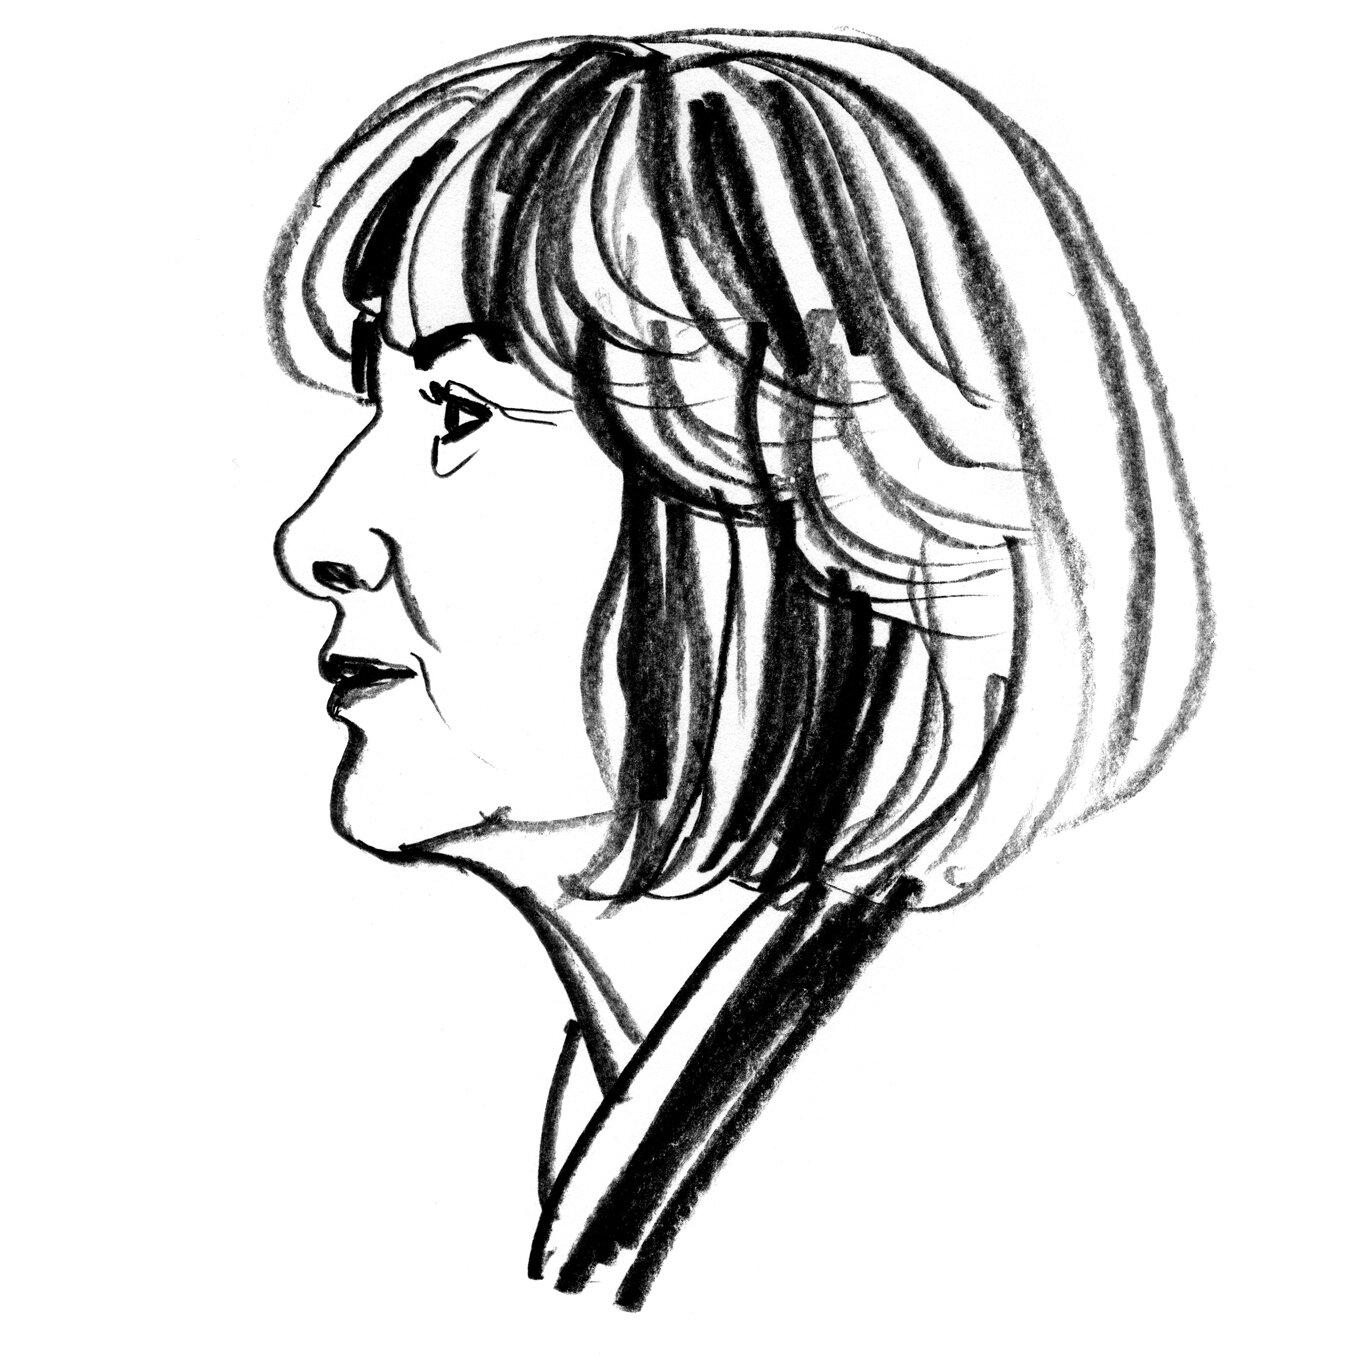 Christine Amanpour